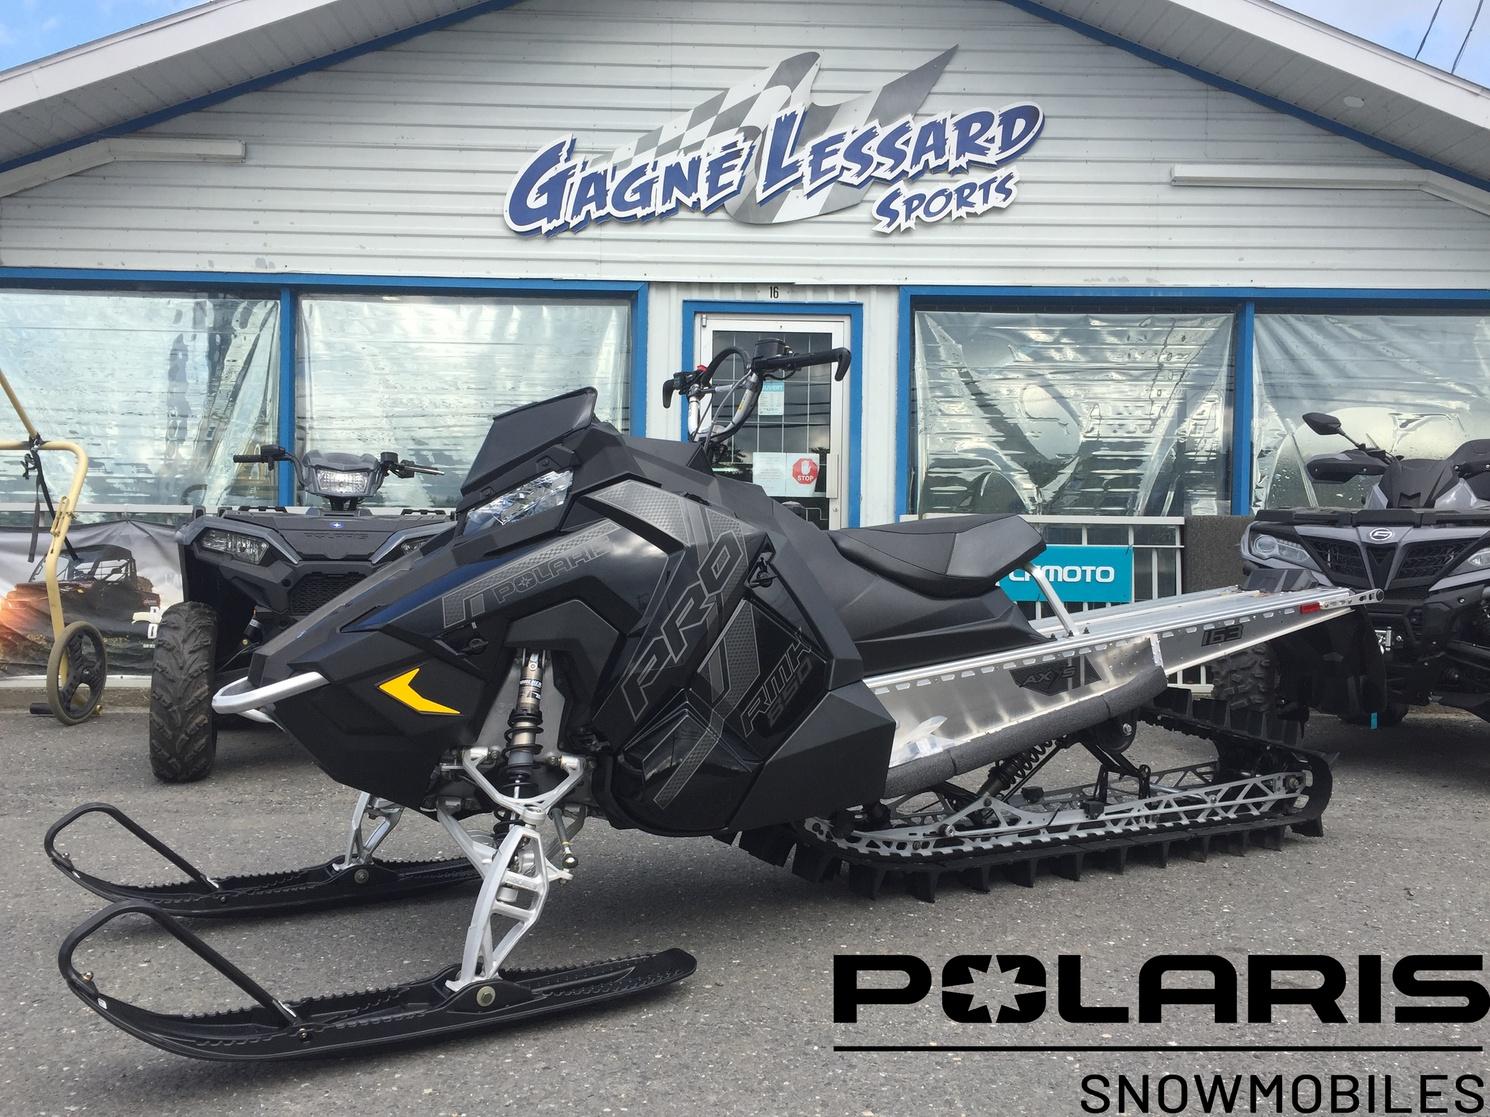 Polaris 850 RMK PRO 163 3 2021